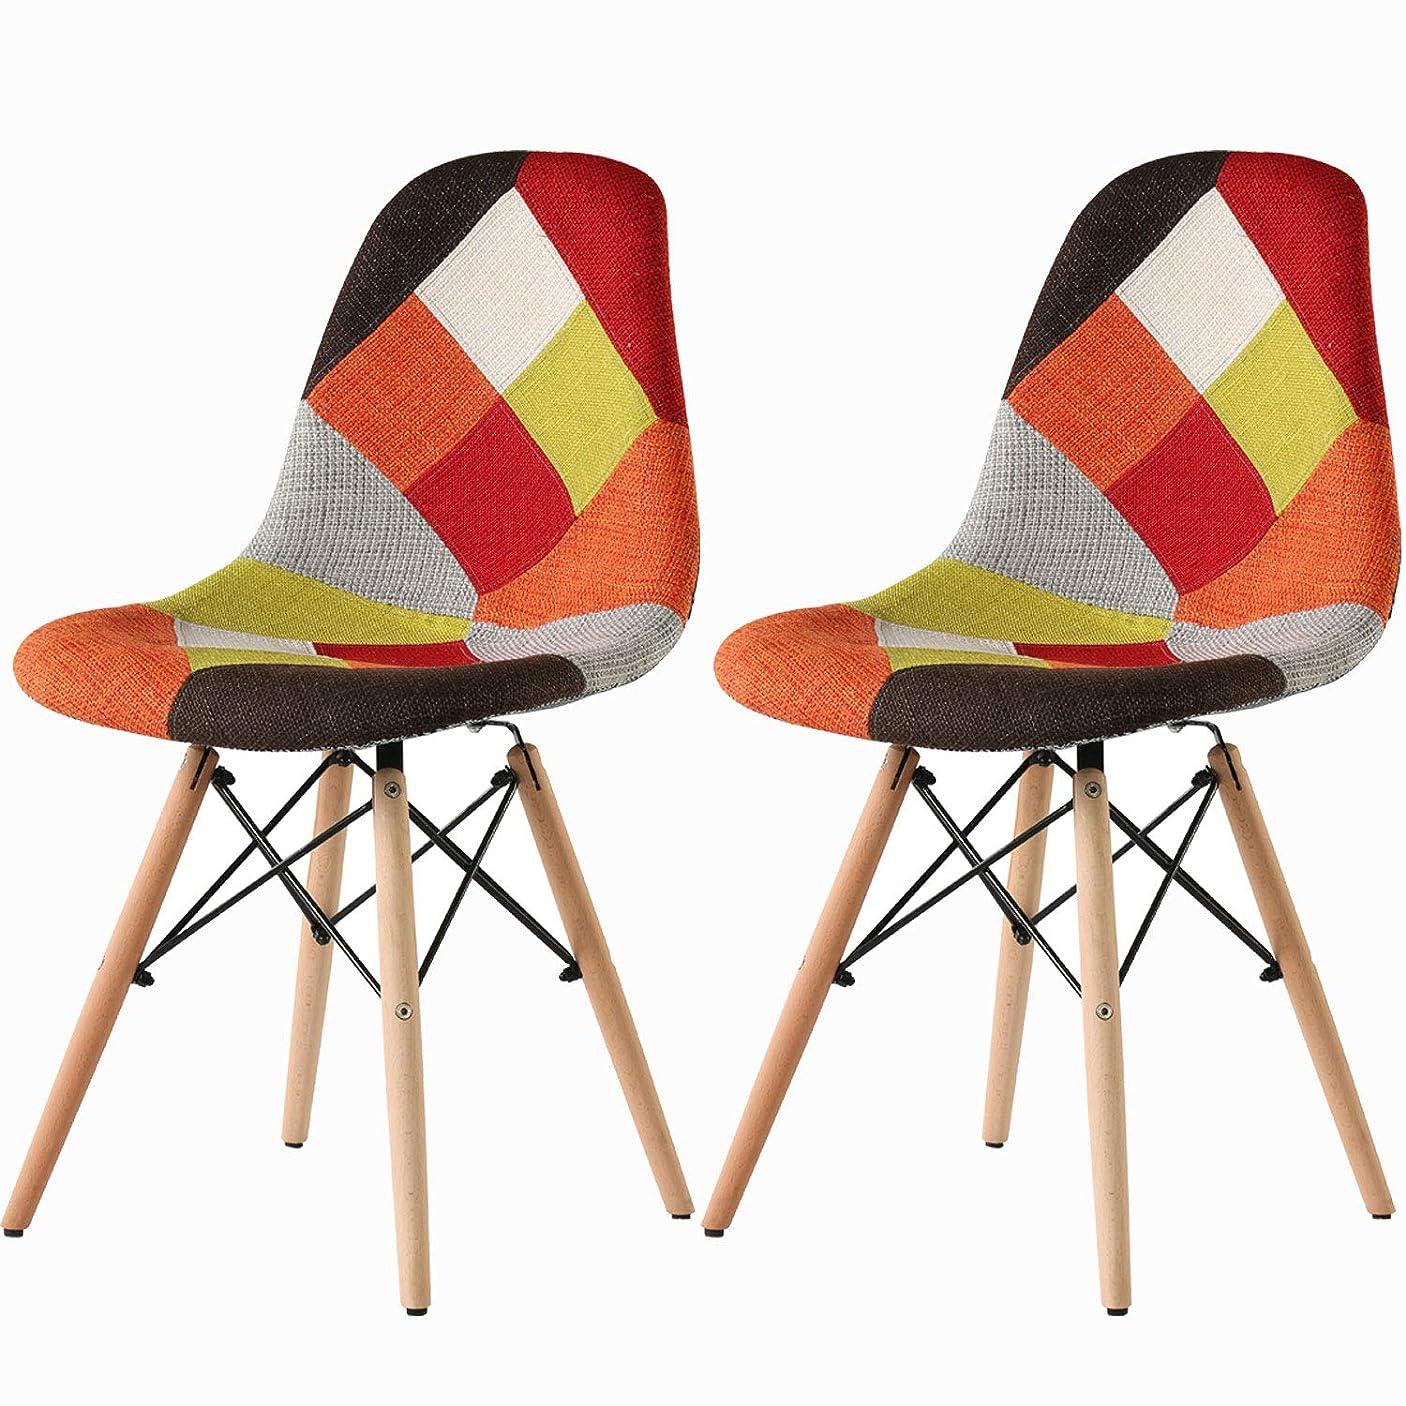 奨励します気がついてご注意食卓椅子 イームズ椅子 パッチワークファブリック 天然木製の脚 オシャレチェア 人気商品 二脚セット